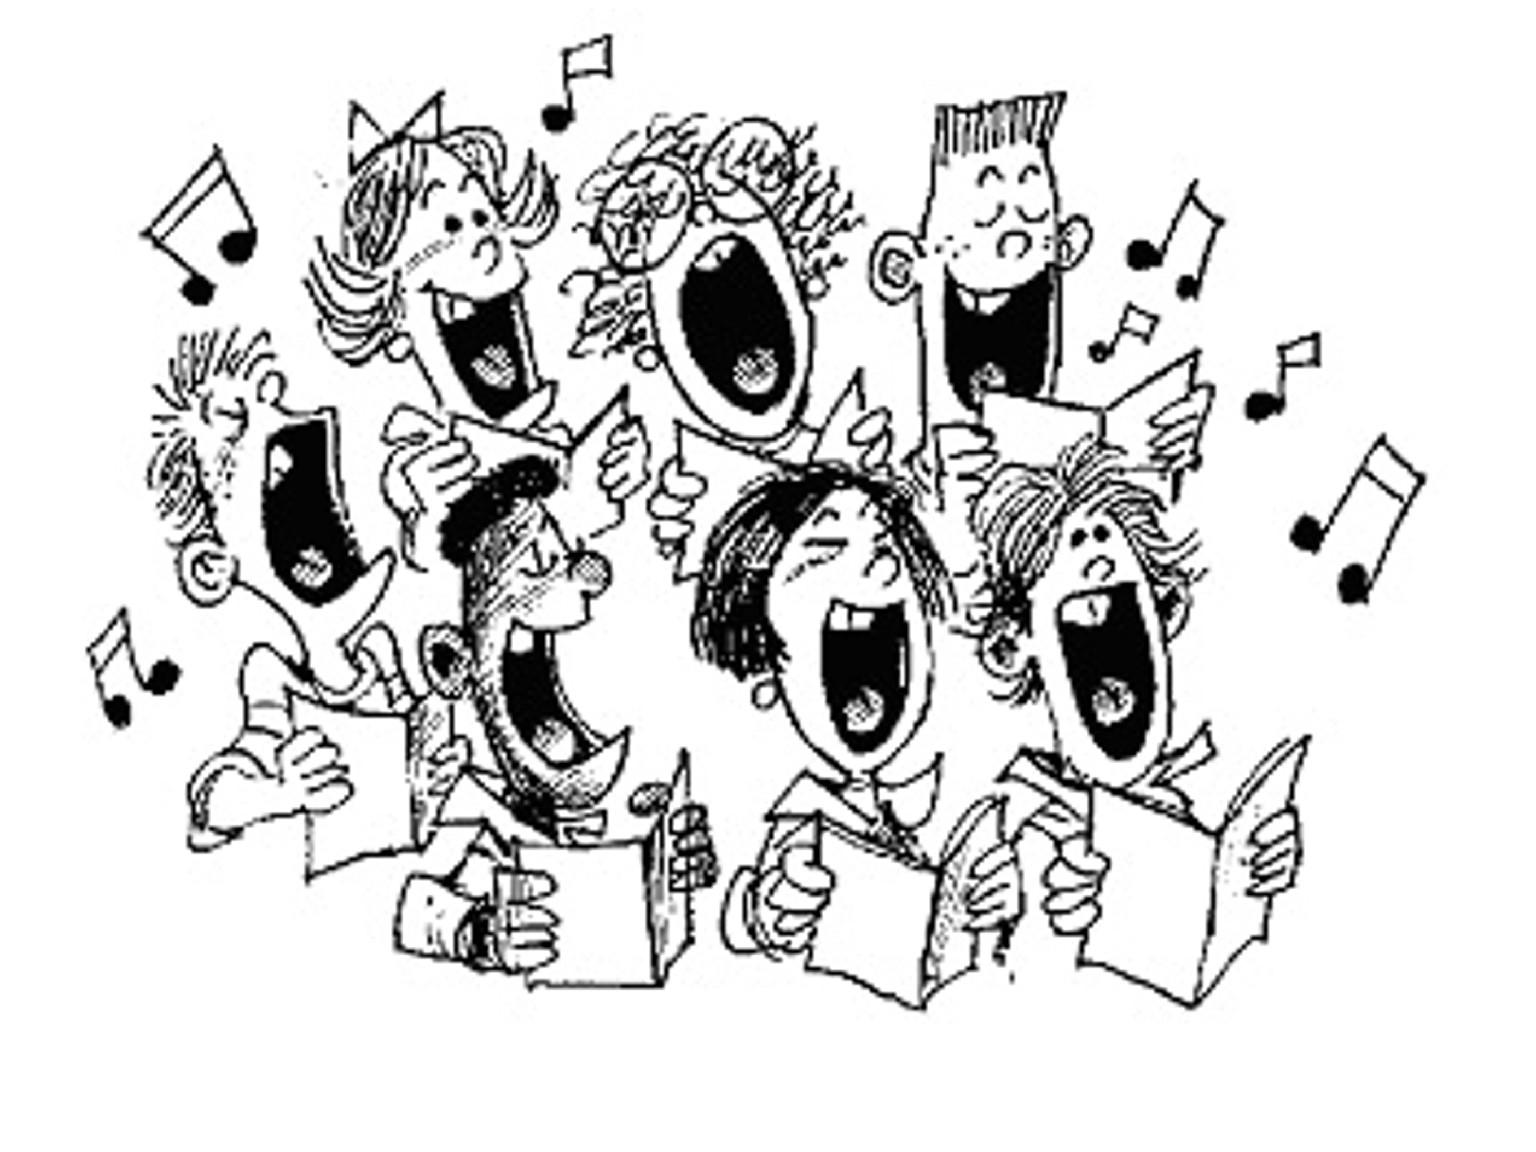 Sheet Music clipart choir #3